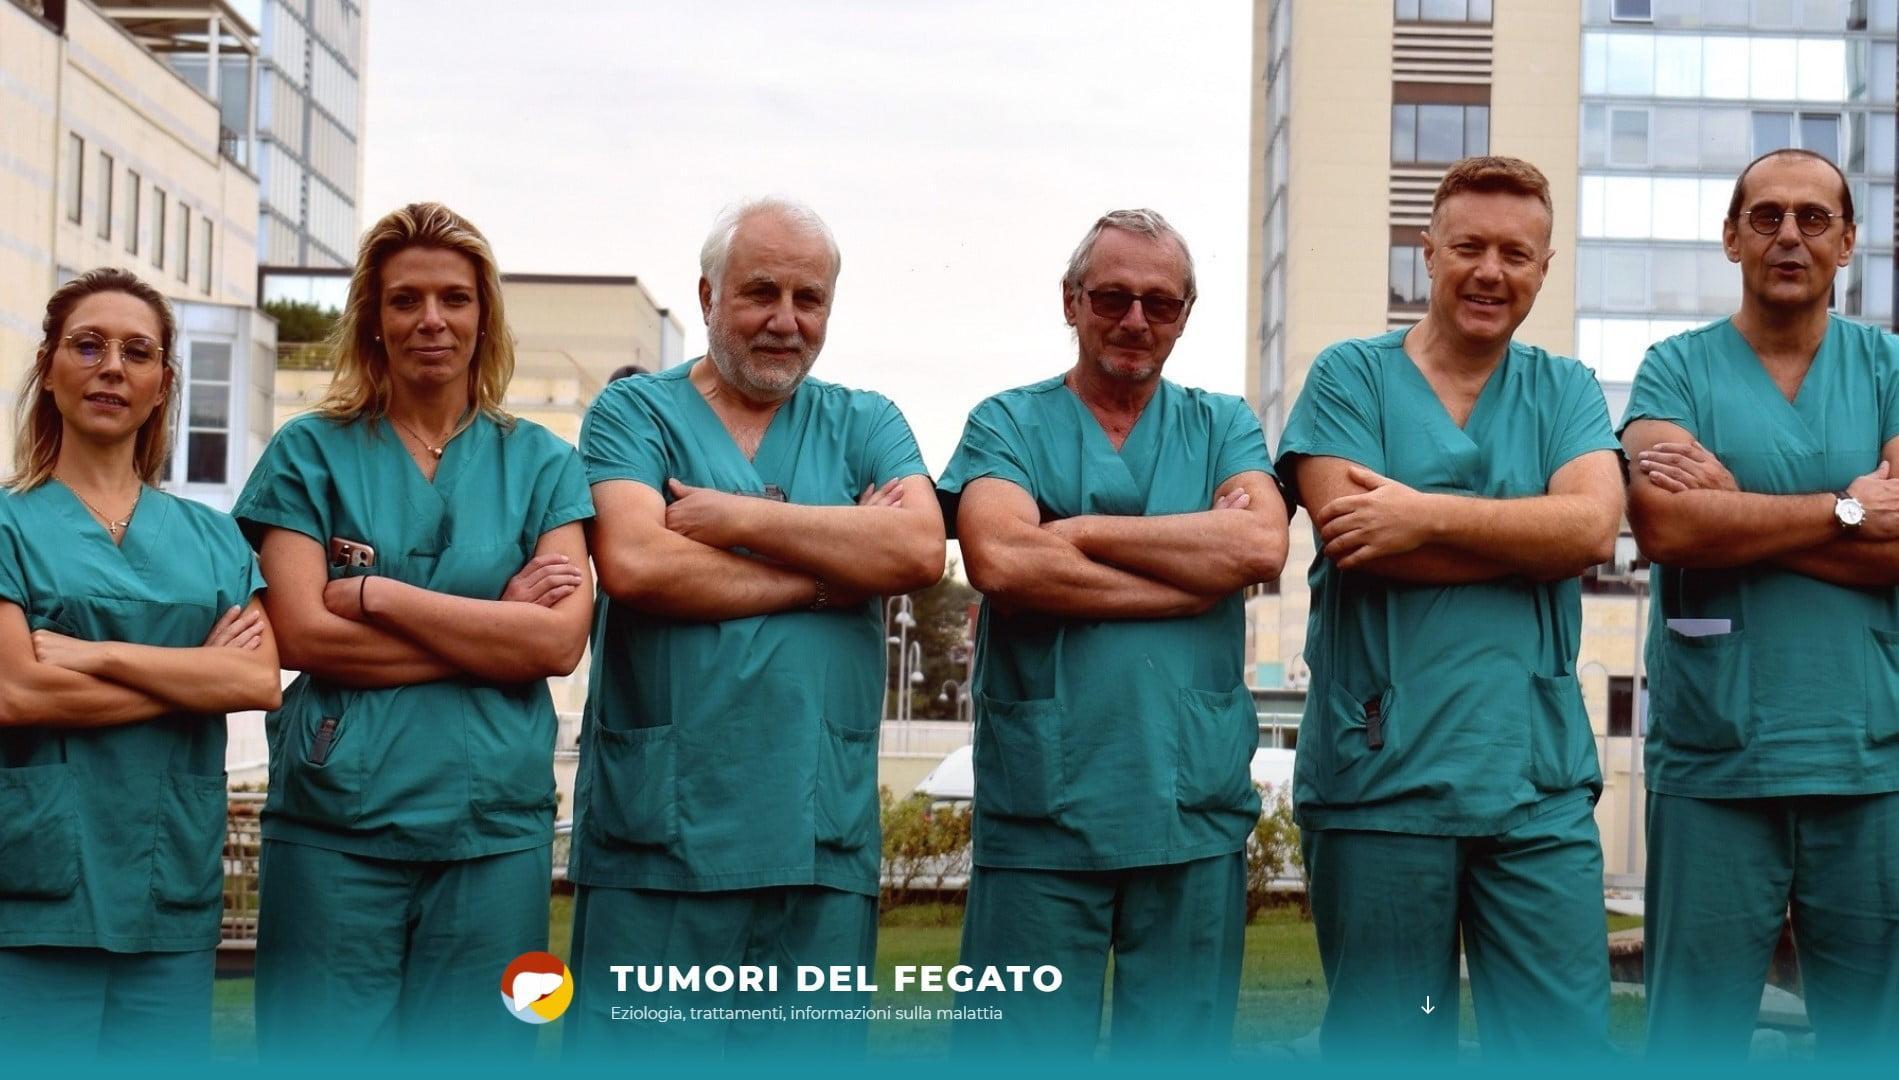 tumoridelfegato.it